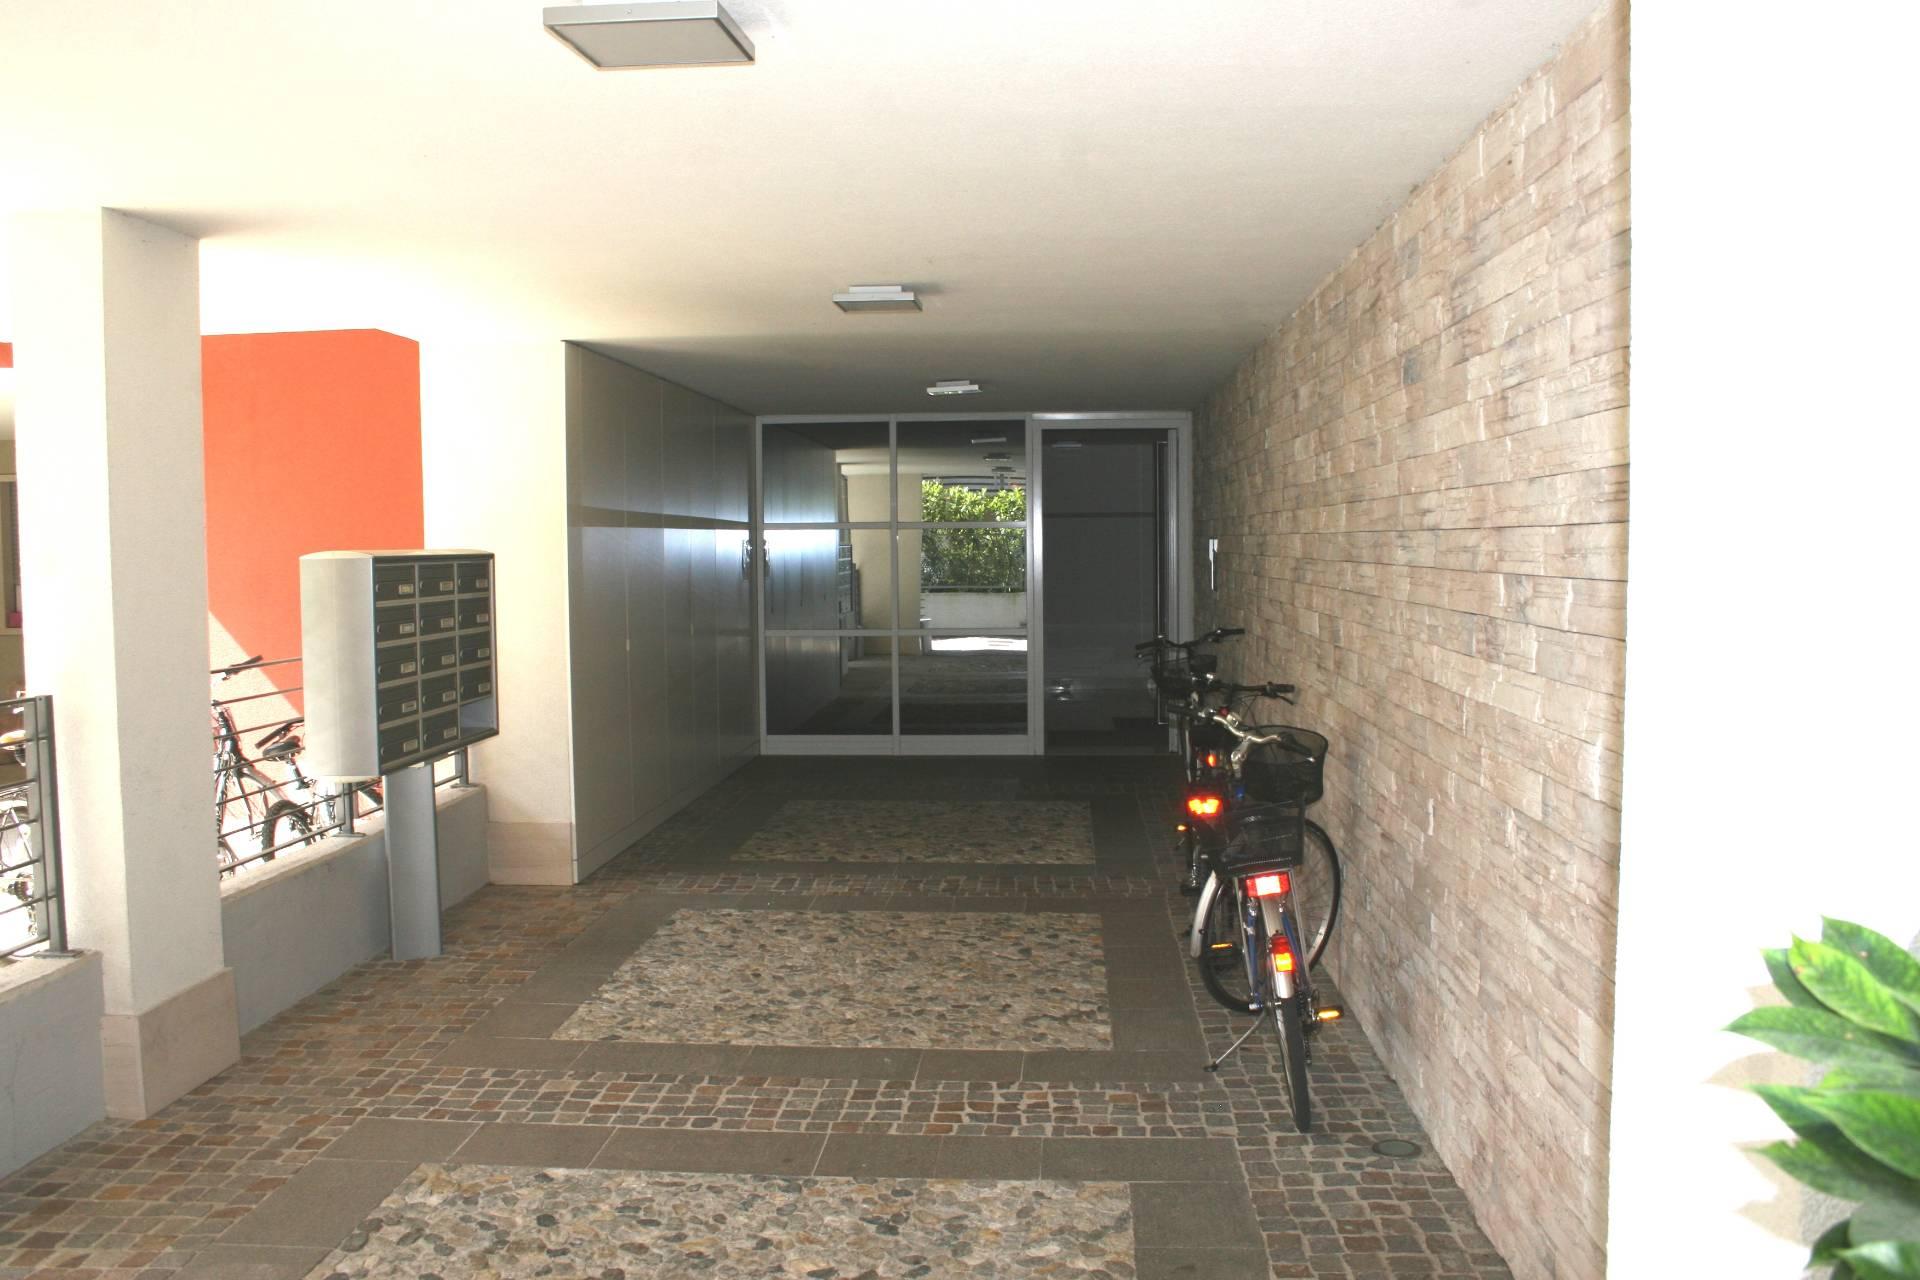 Appartamento in vendita a Riva del Garda, 3 locali, zona Zona: Riva, prezzo € 270.000 | Cambio Casa.it